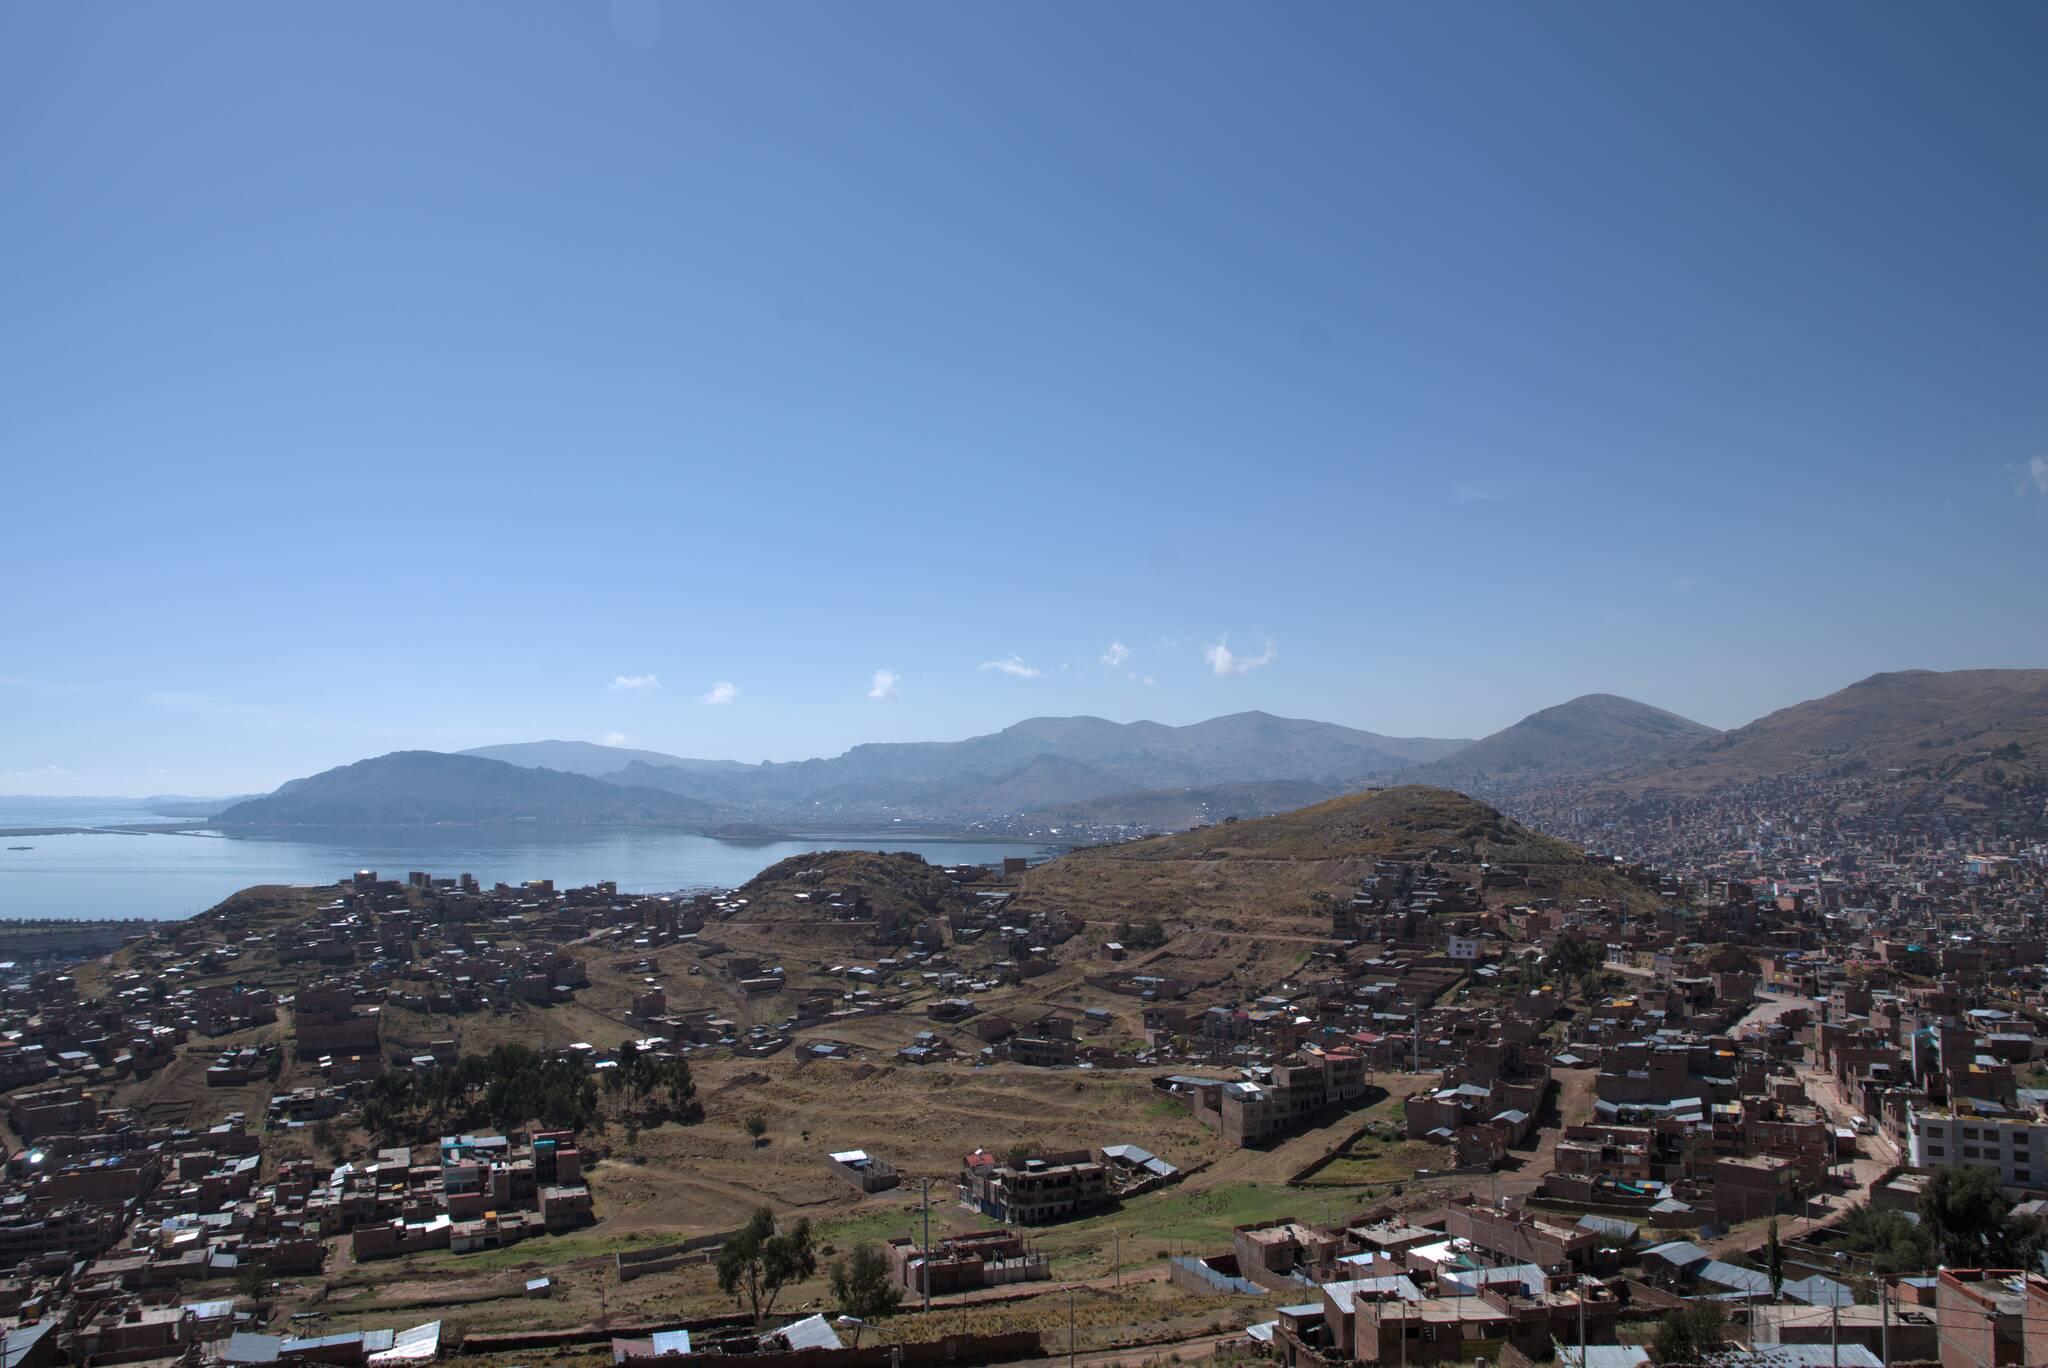 Jedno z większych miast, Puno